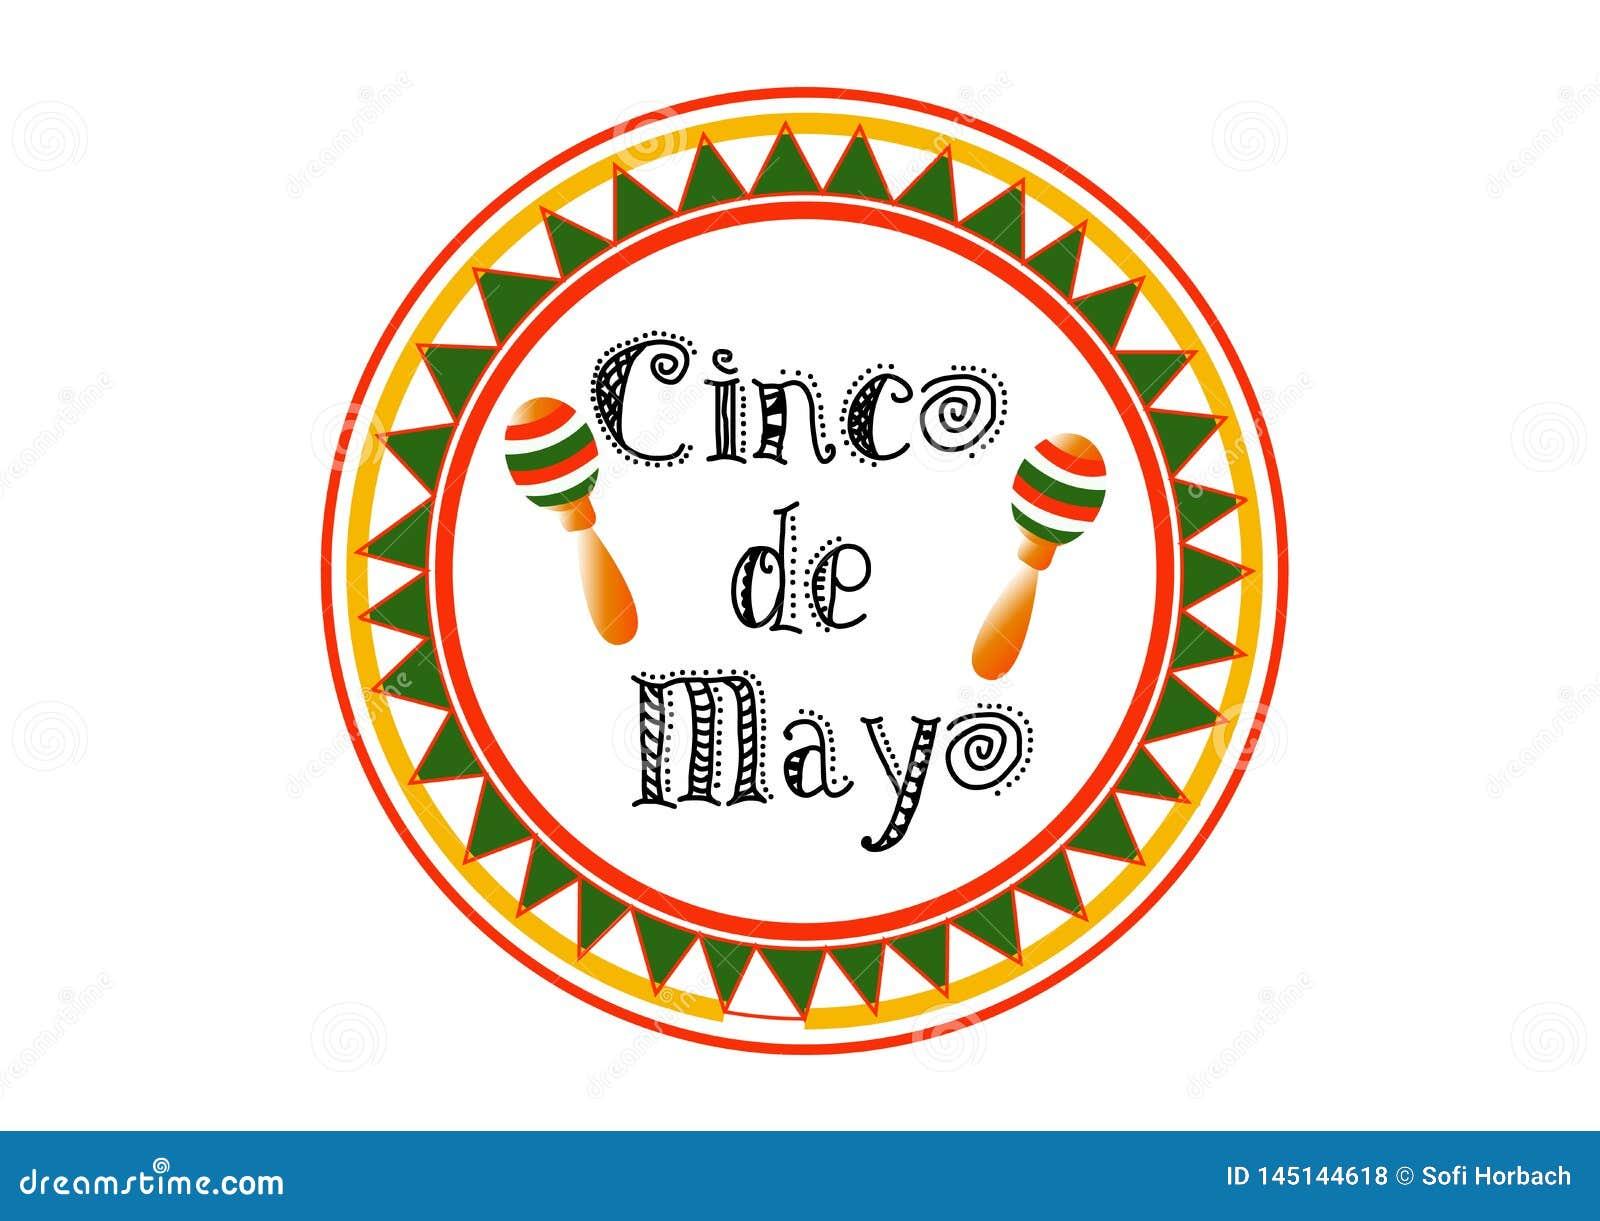 Cinco De Mayo-bunting achtergrond EPS 10 vector royaltyvrije voorraadillustratie voor groetkaart, advertentie, bevordering, affic